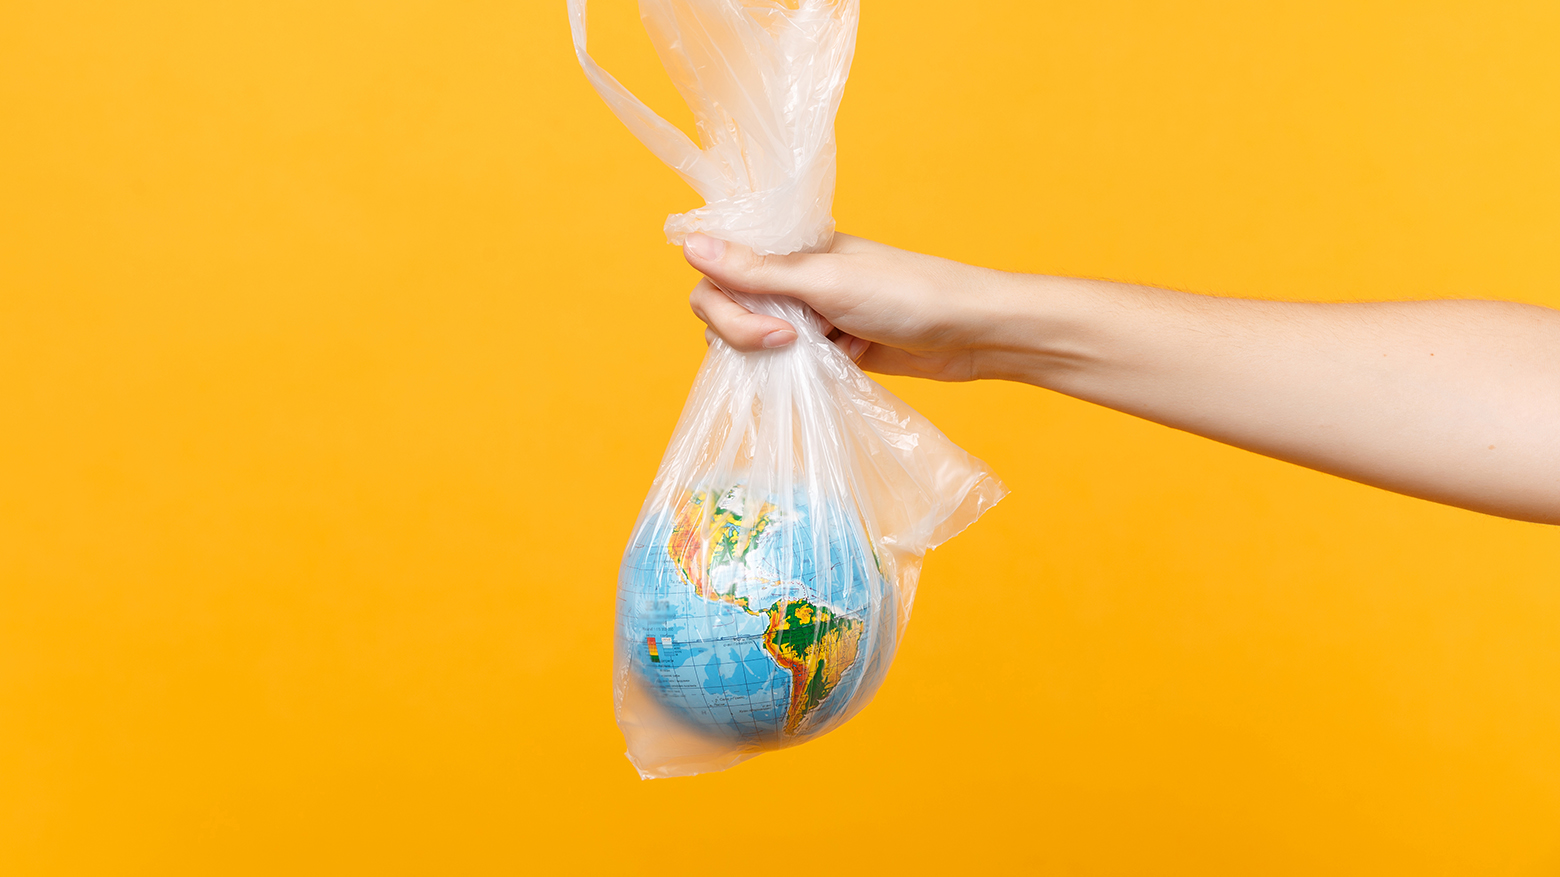 443a3dd37a30 Против пакетов и бутылок: как современные корпорации борются за экологию  планеты